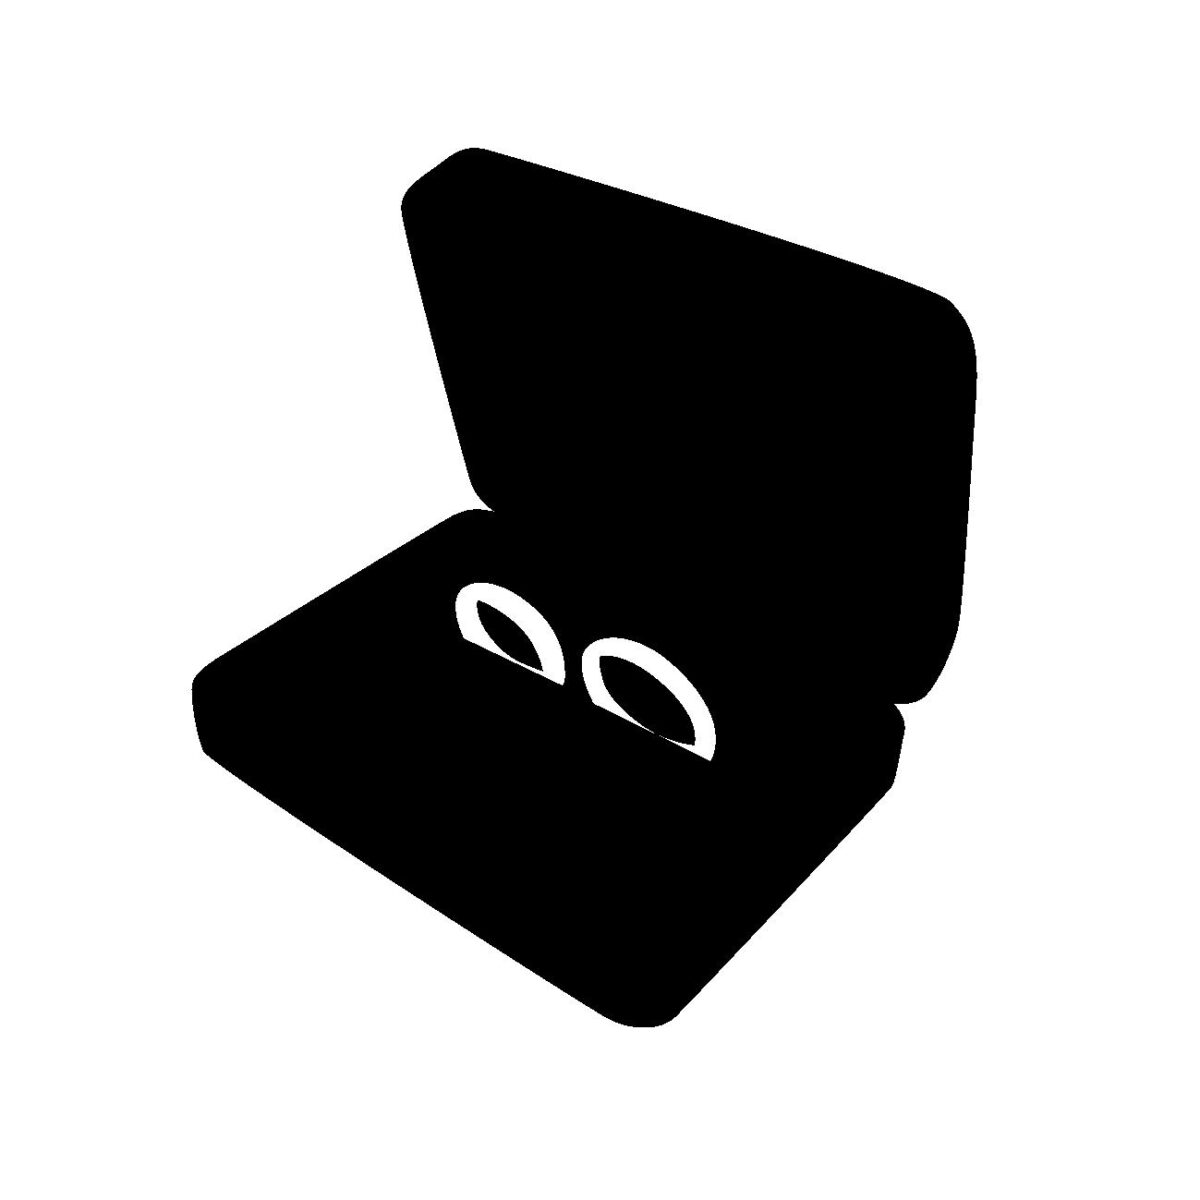 結婚指輪のイラスト